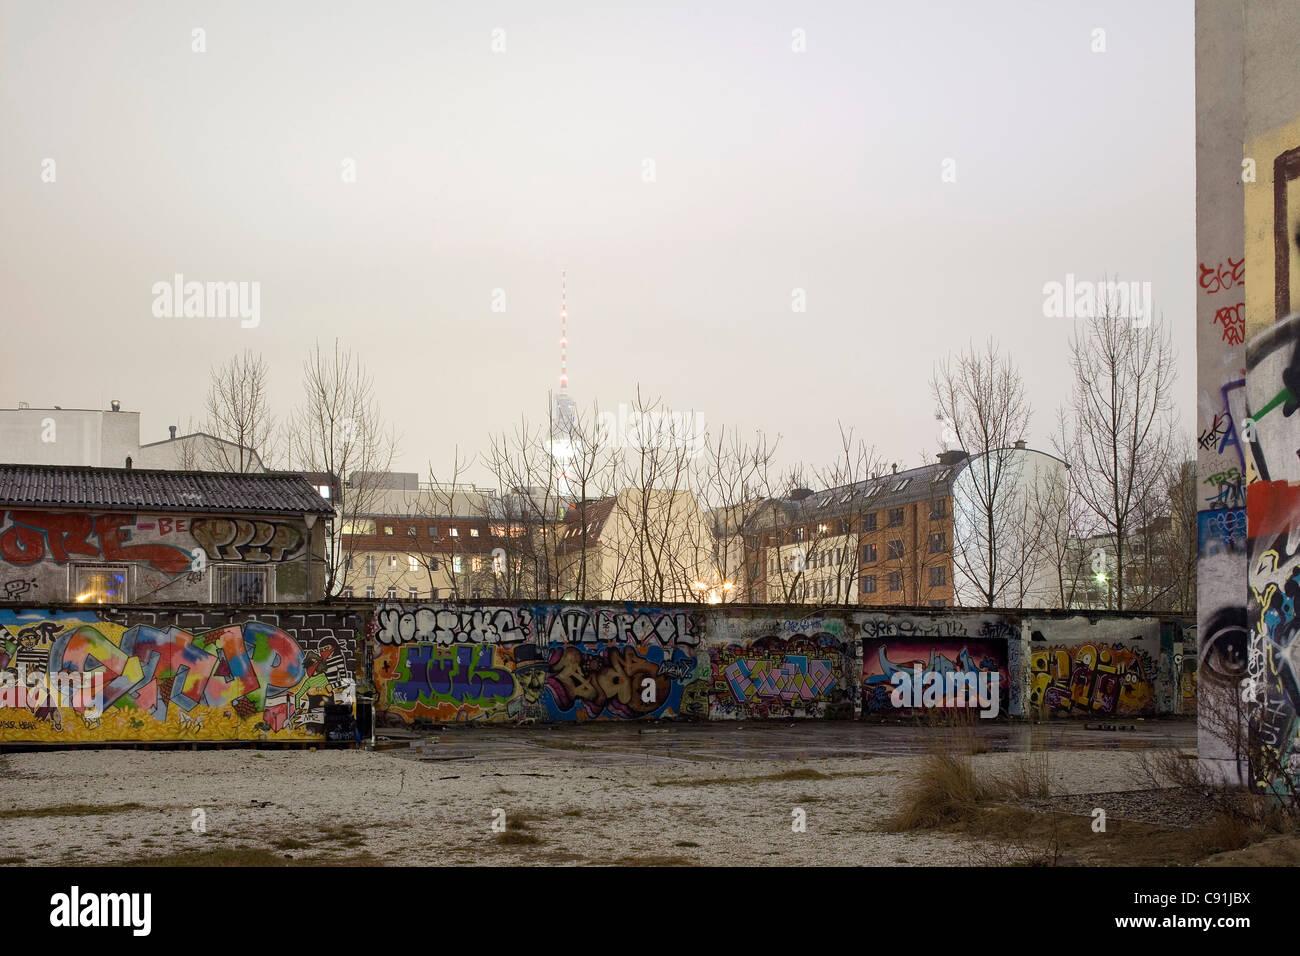 A backyard in Berlin with graffiti, Berlin-Mitte, Berlin, Germany, Europe - Stock Image